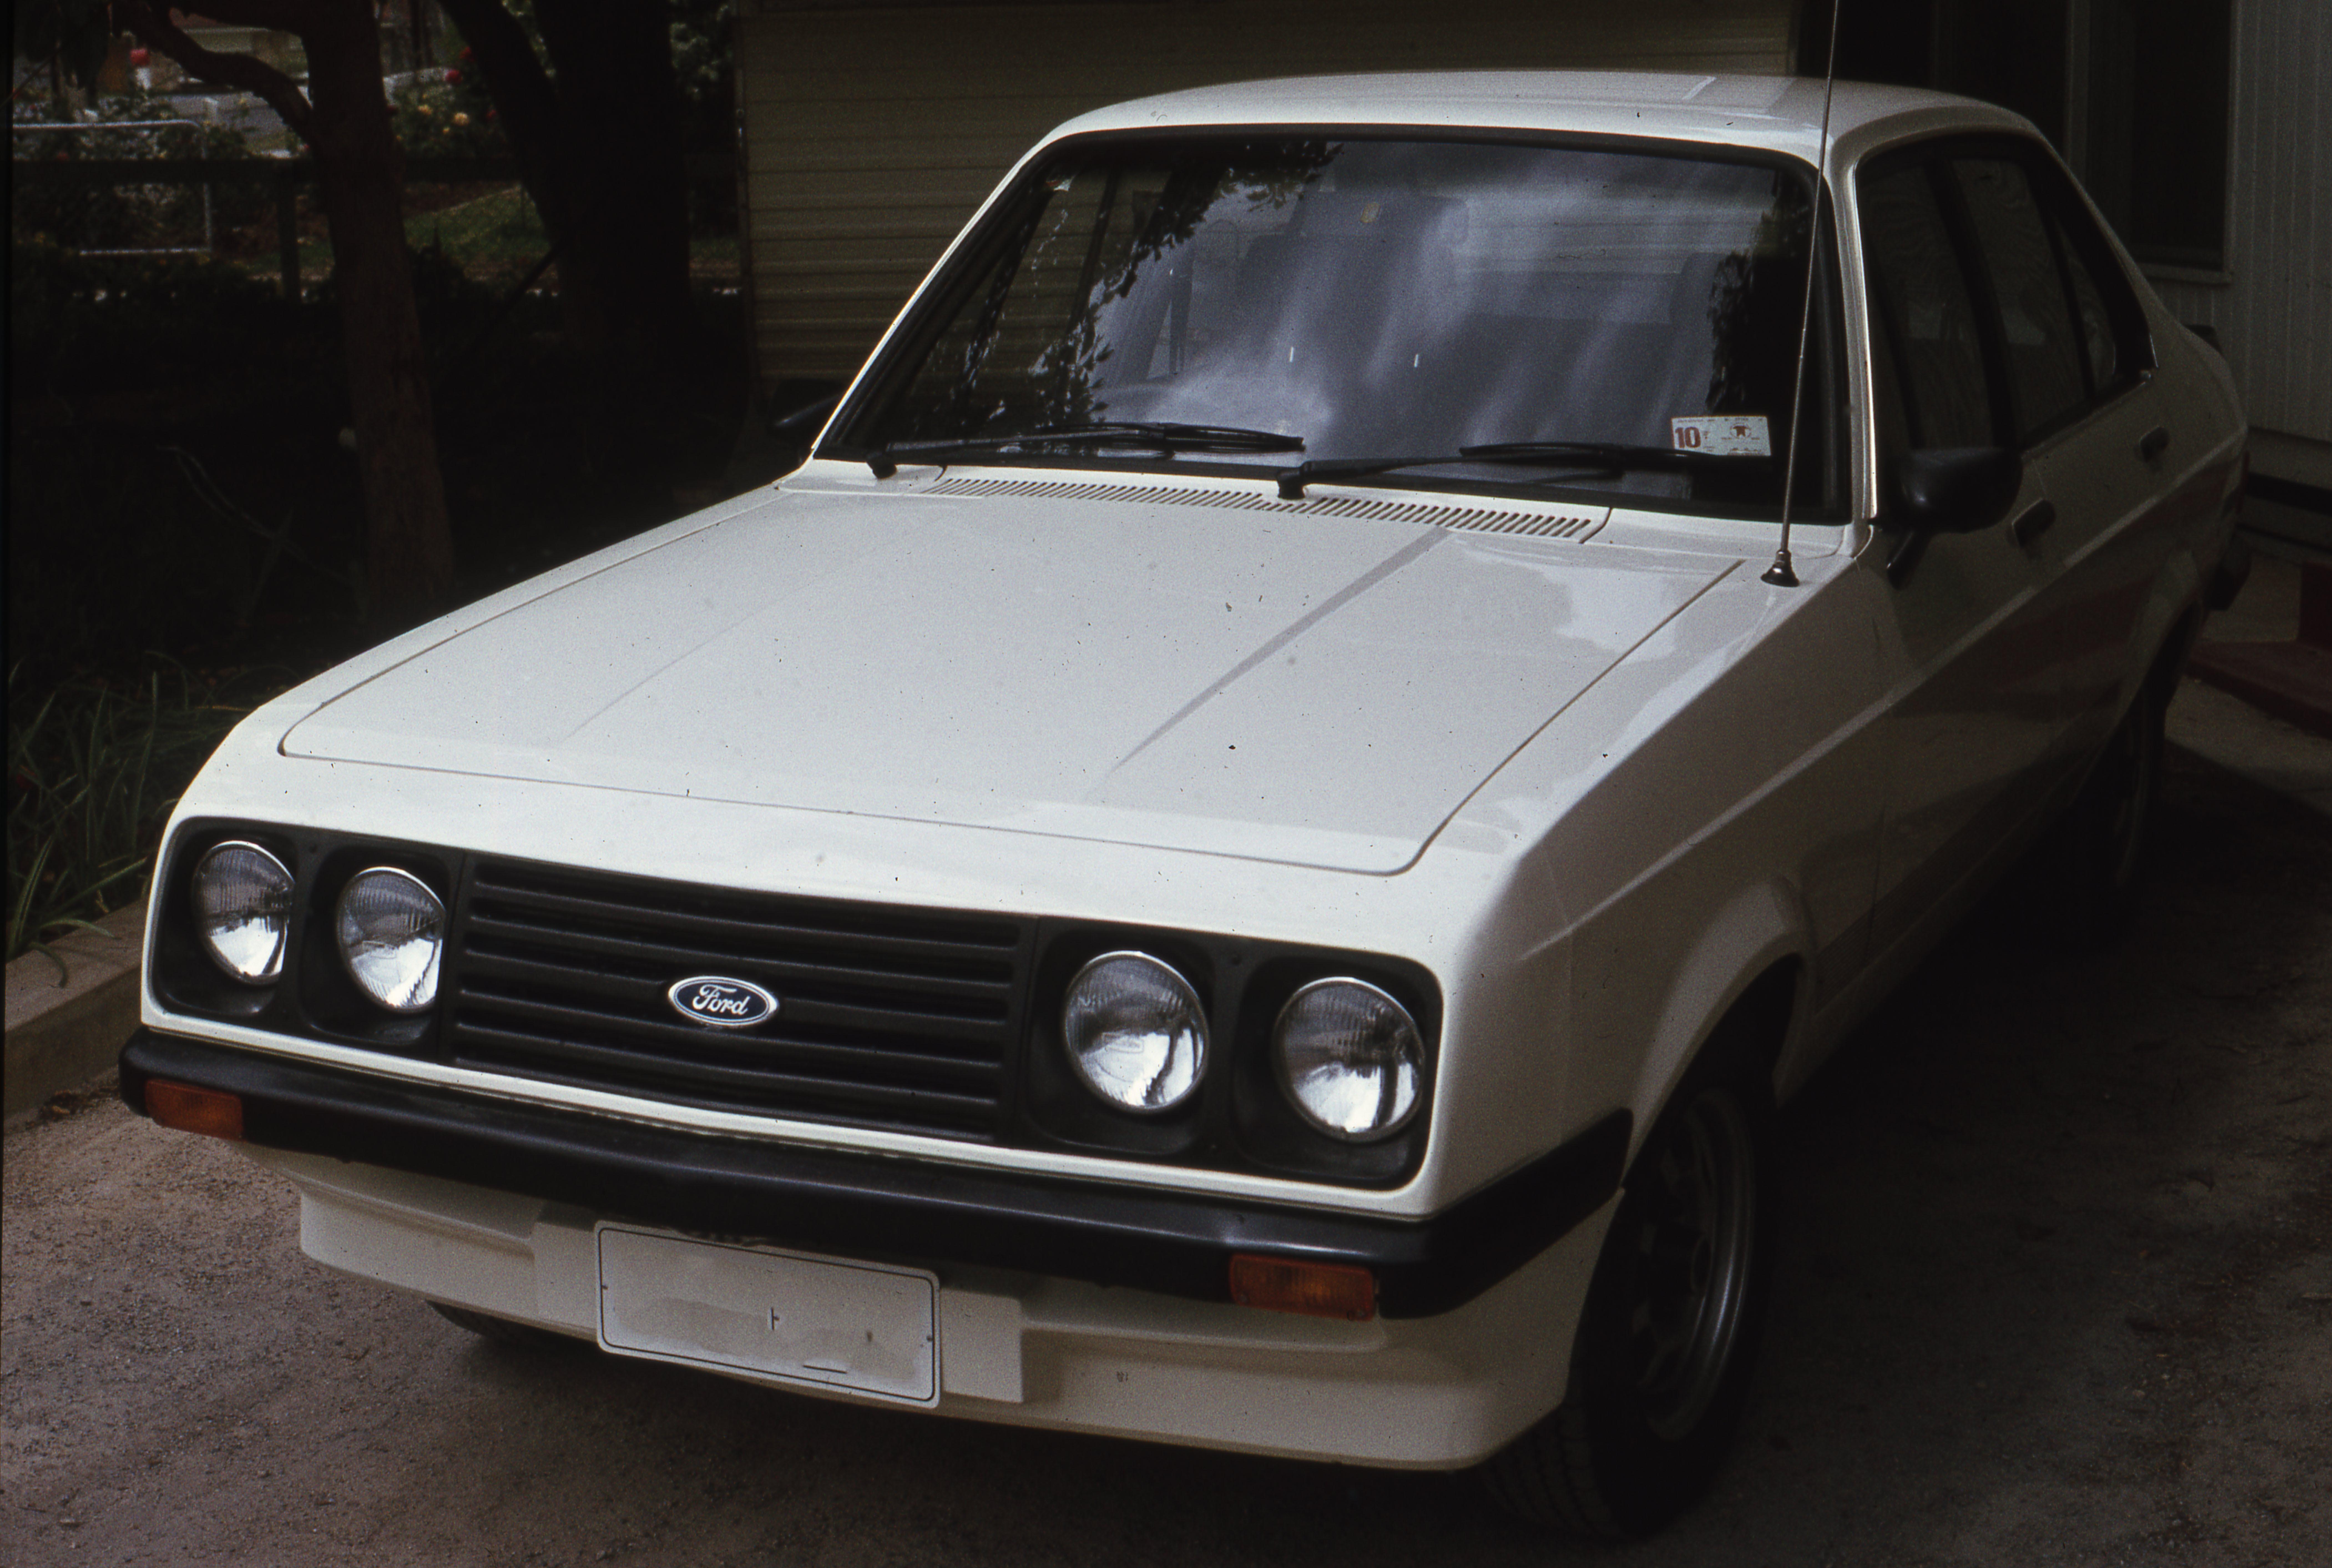 File:Australian 1979 Ford Escort RS2000.jpg - Wikimedia Commons